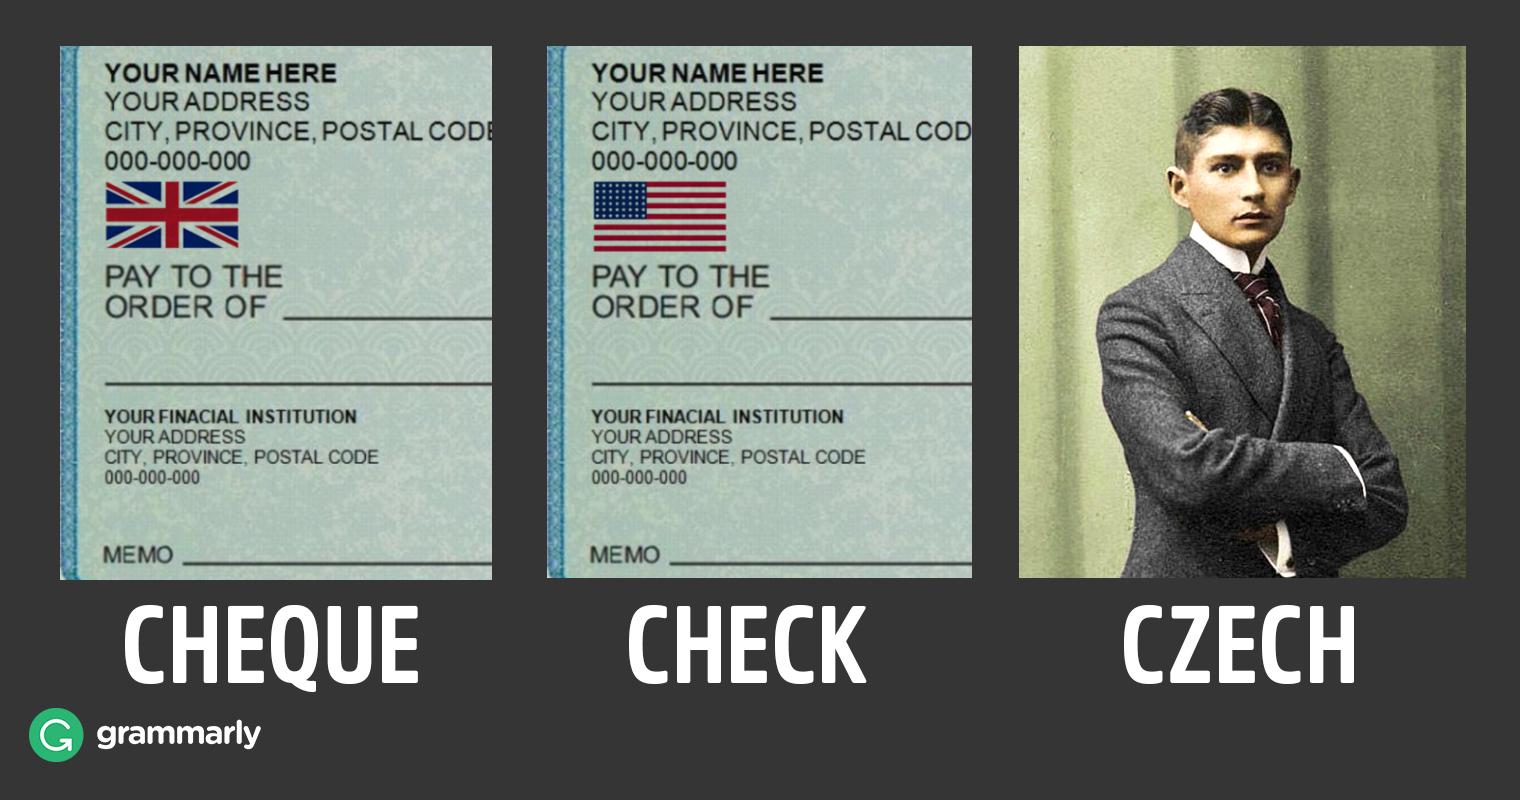 Cheque vs. Check image